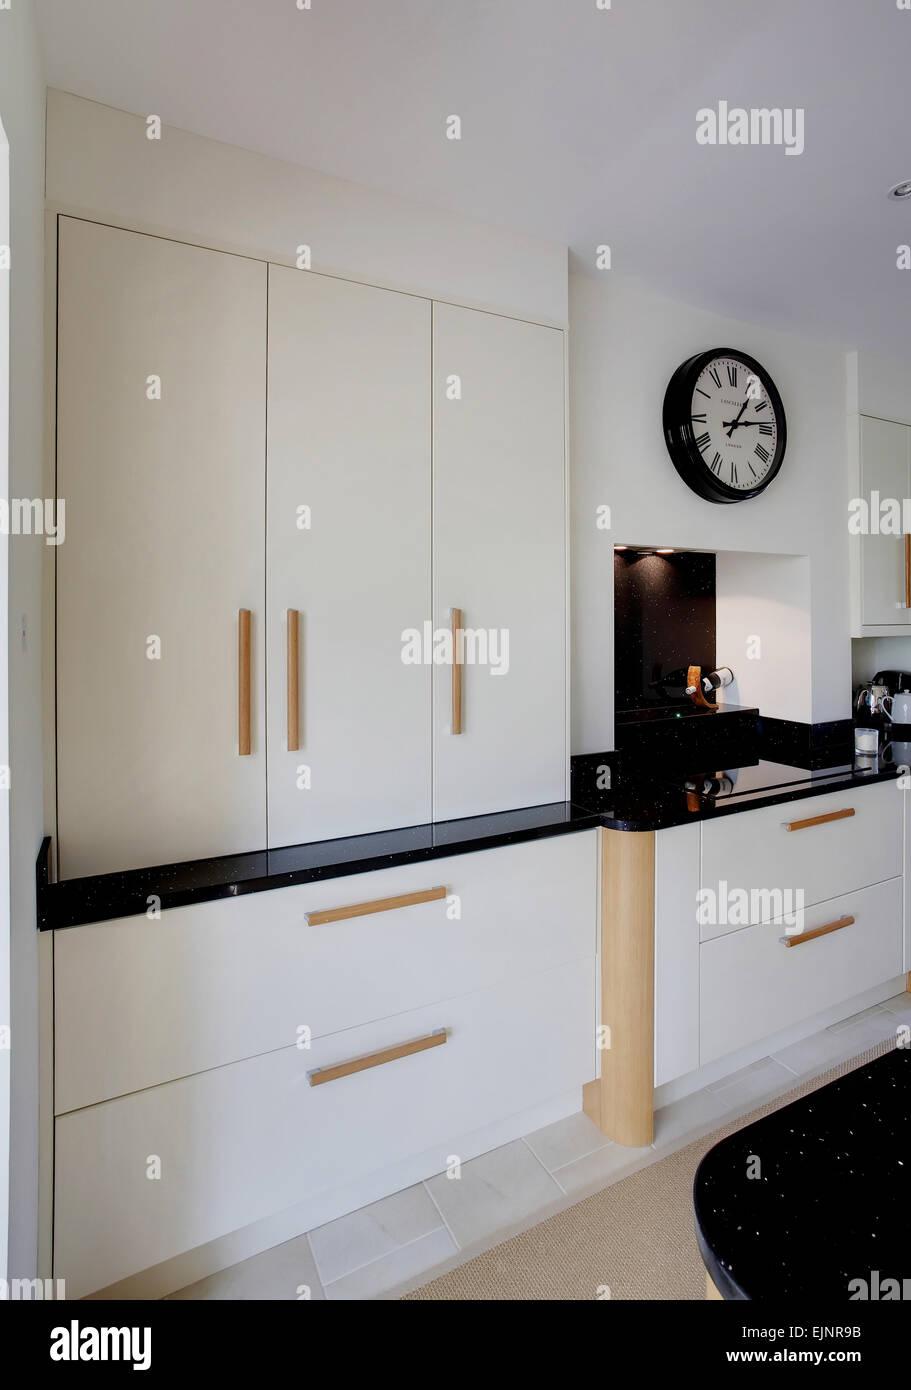 Cream Kitchen Units Stockfotos & Cream Kitchen Units Bilder - Alamy